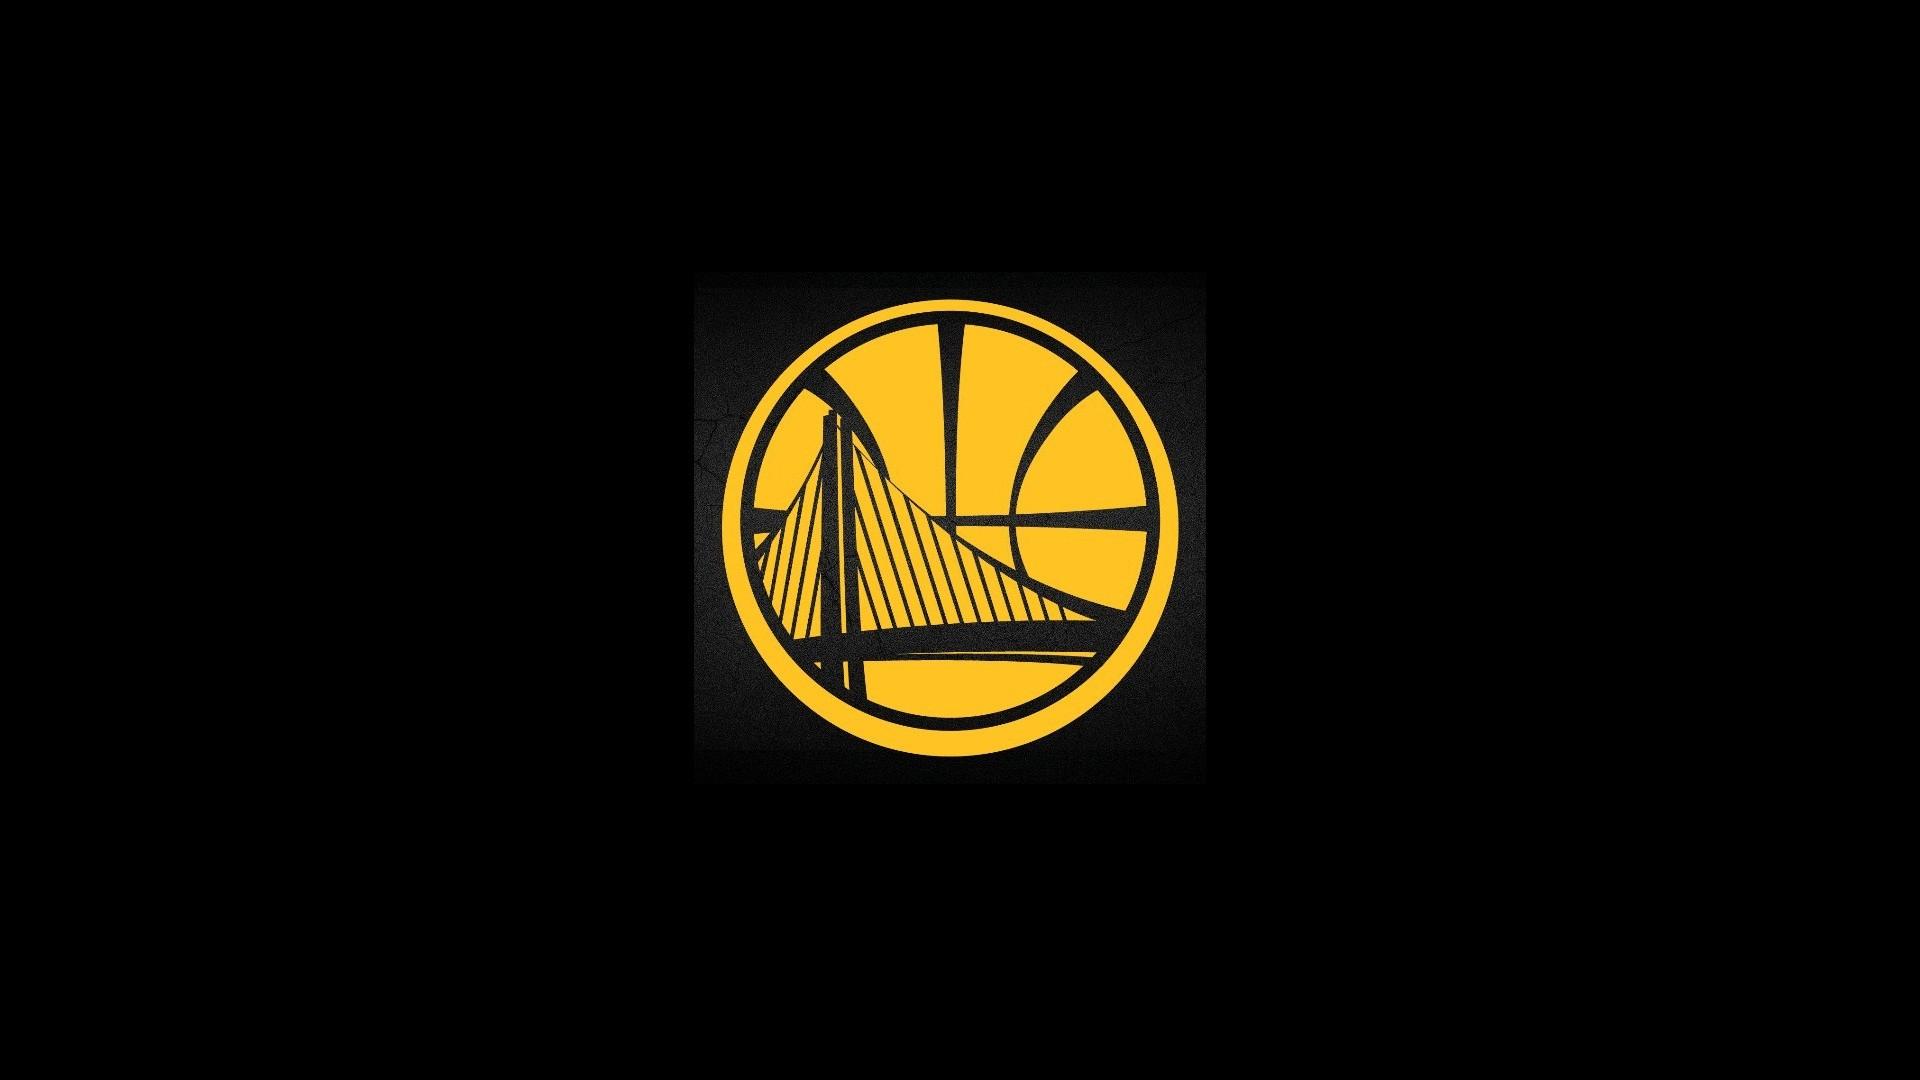 HD Golden State Warriors Backgrounds 2019 Basketball Wallpaper 1920x1080